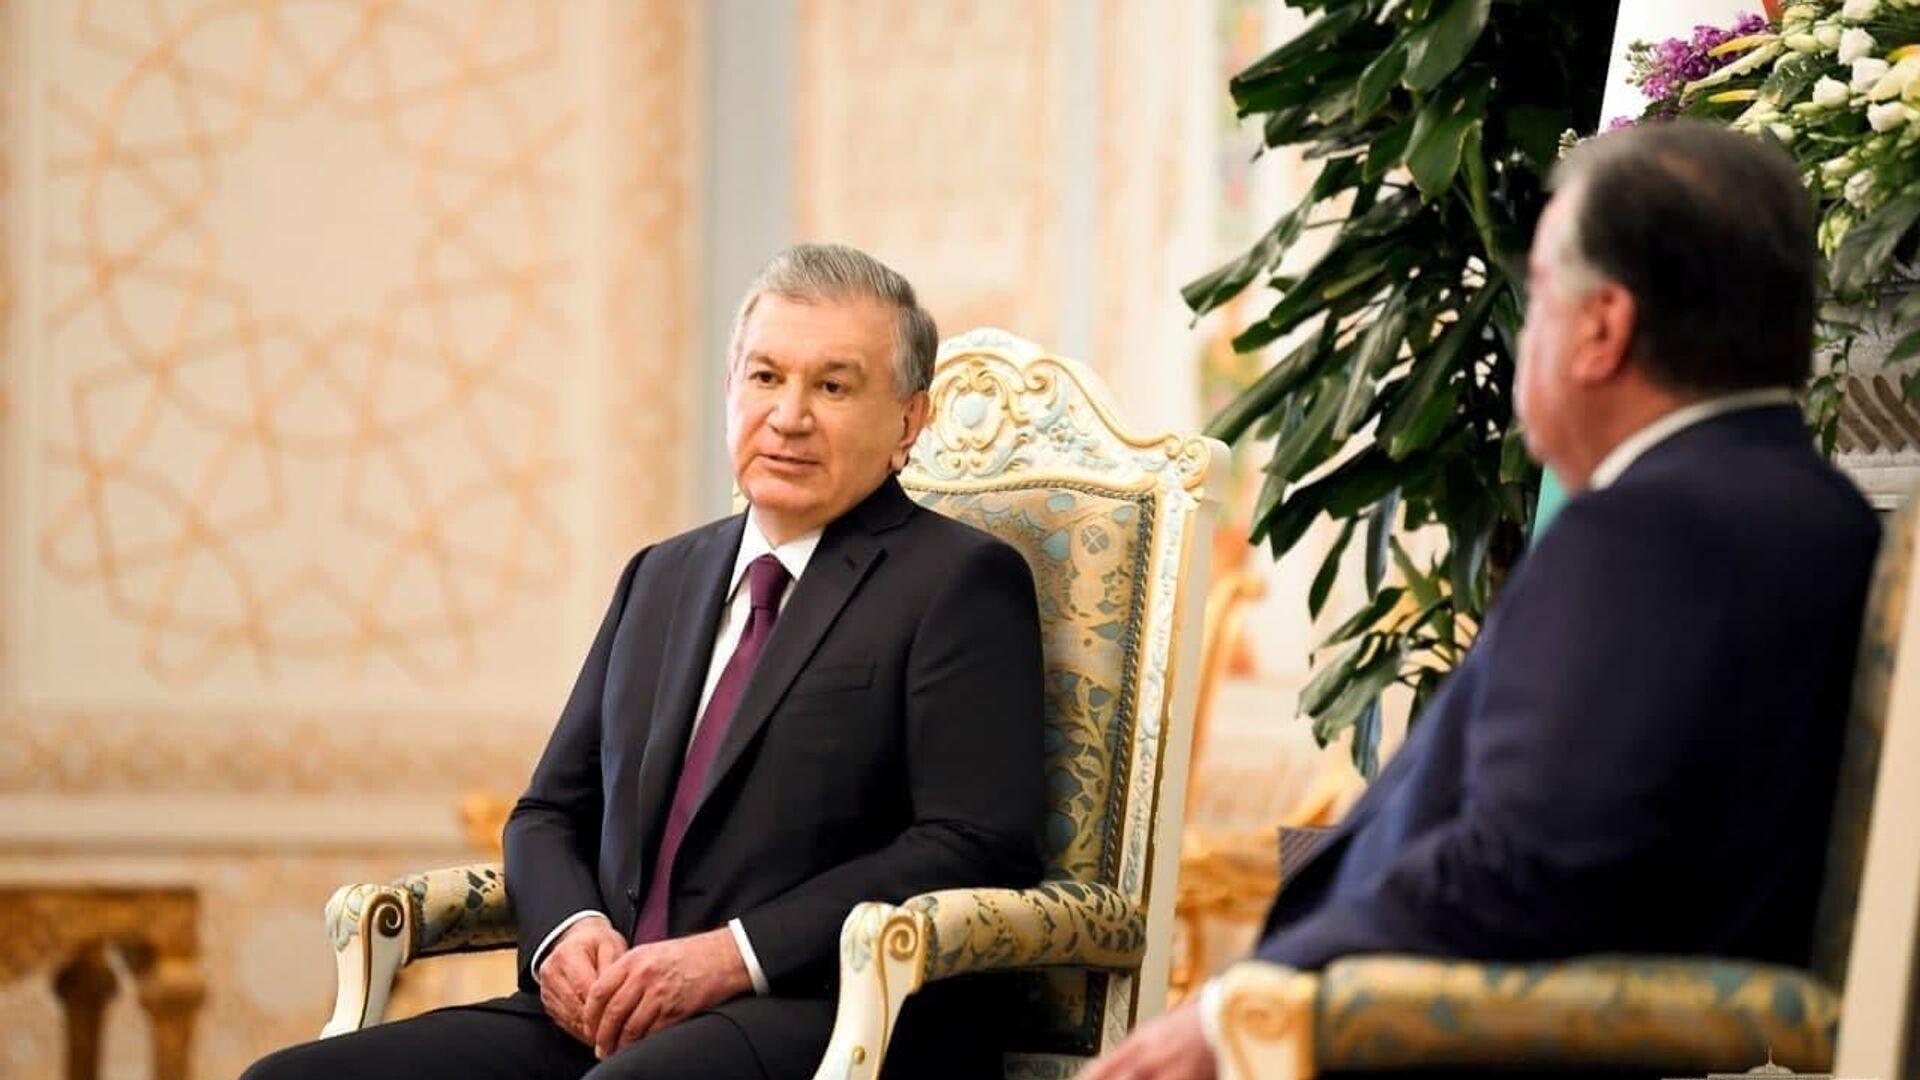 Президент Республики Узбекистан Шавкат Мирзиёев прибыл с официальным визитом в Республику Таджикистан - Sputnik Тоҷикистон, 1920, 24.09.2021